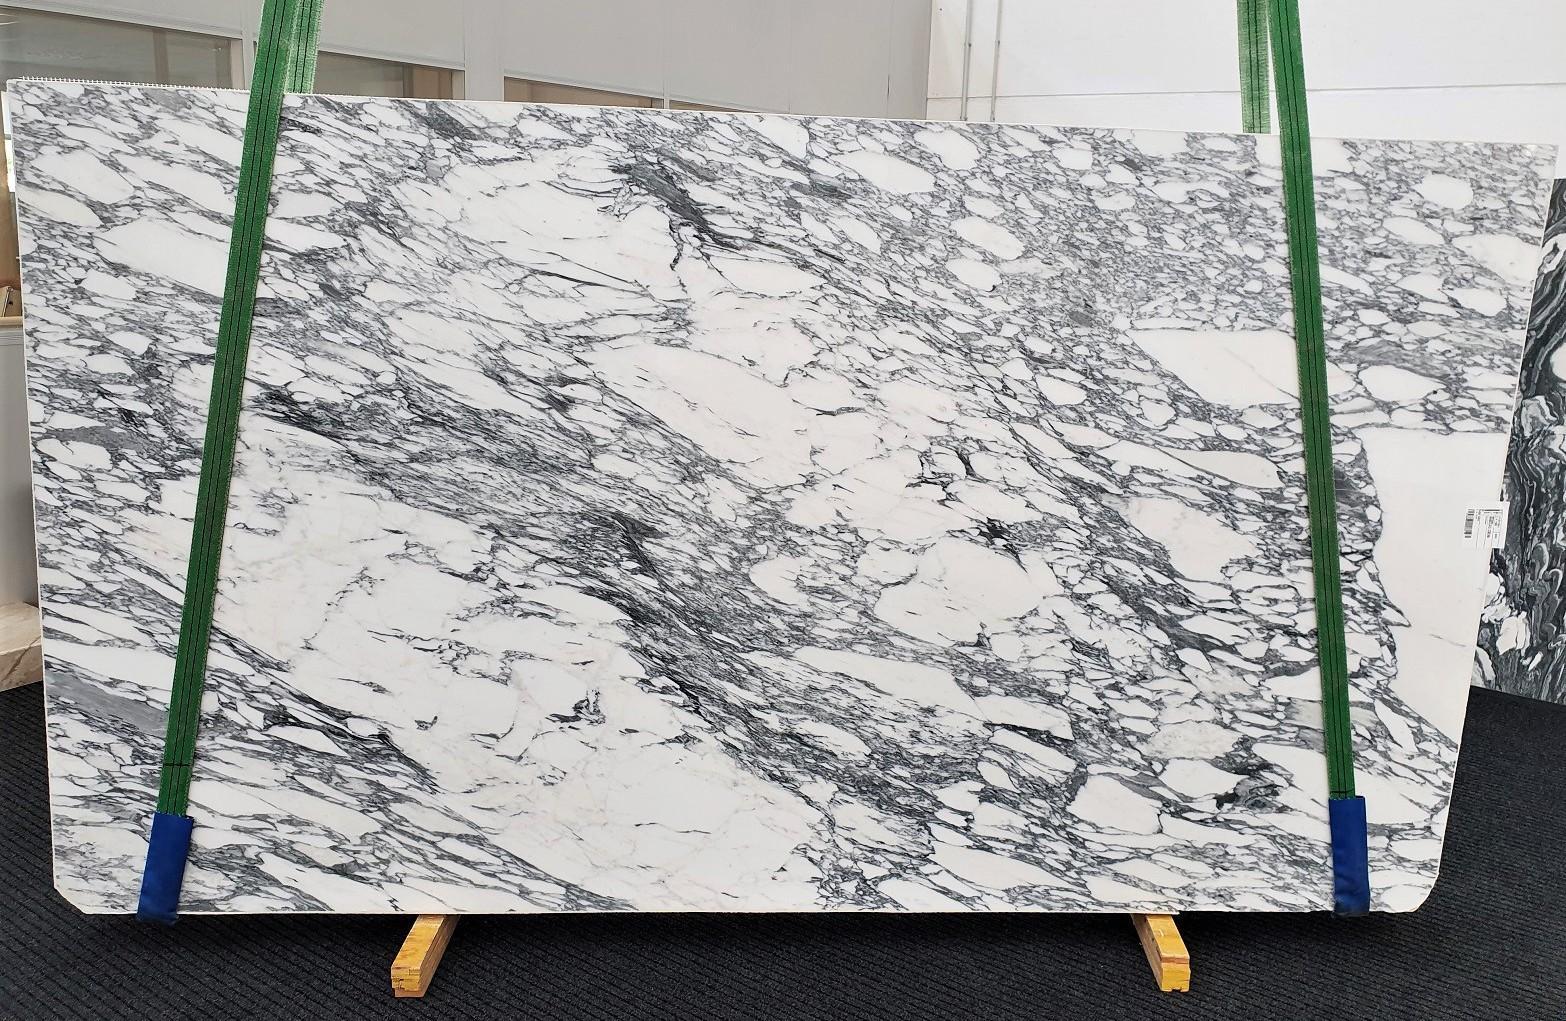 ARABESCATO CORCHIA Suministro Veneto (Italia) de planchas pulidas en mármol natural 1420 , Slab #53